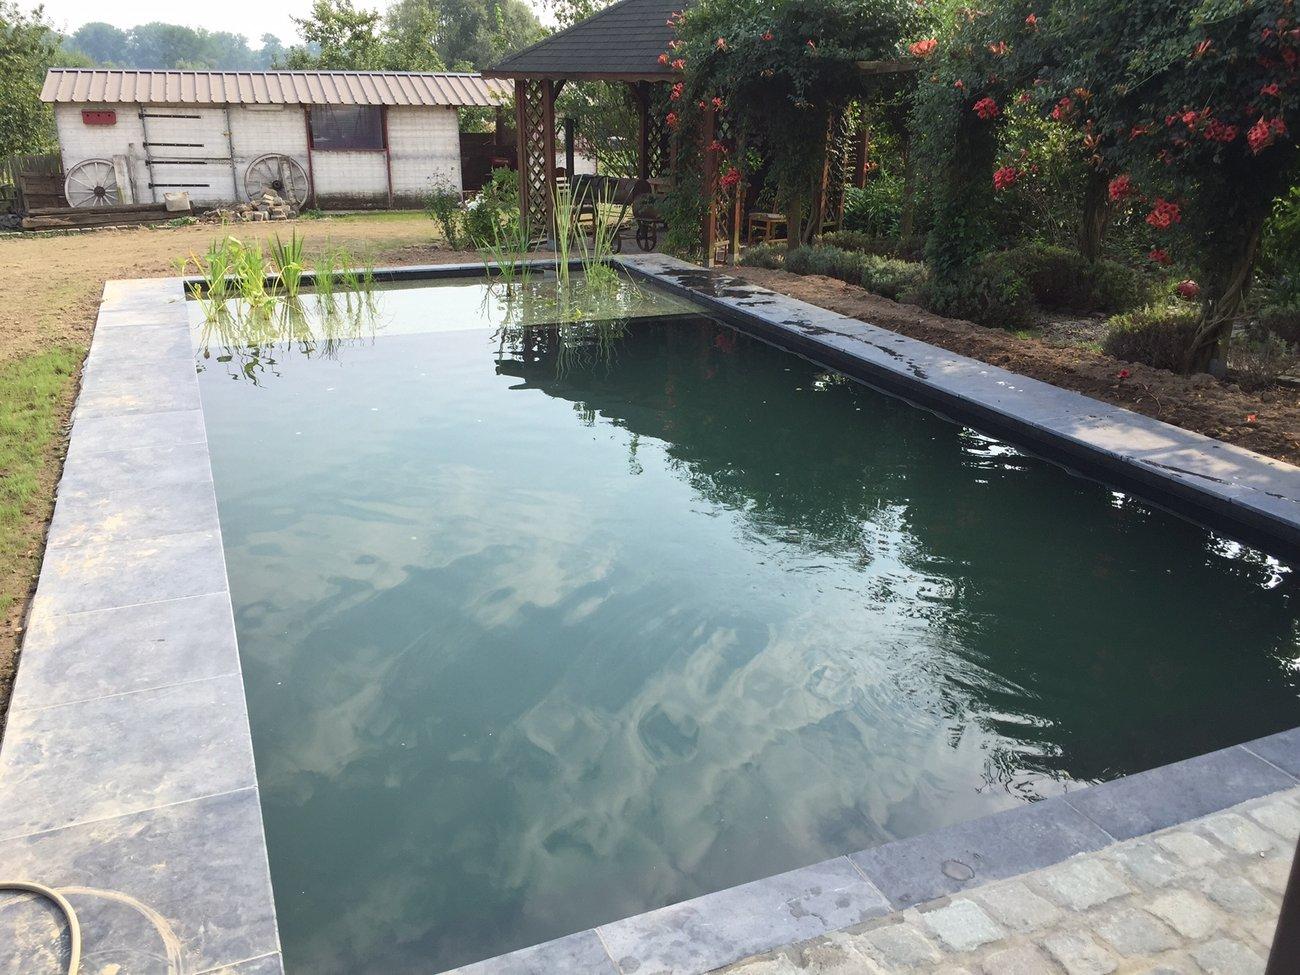 Vijvers - Zwemvijvers Kortrijk